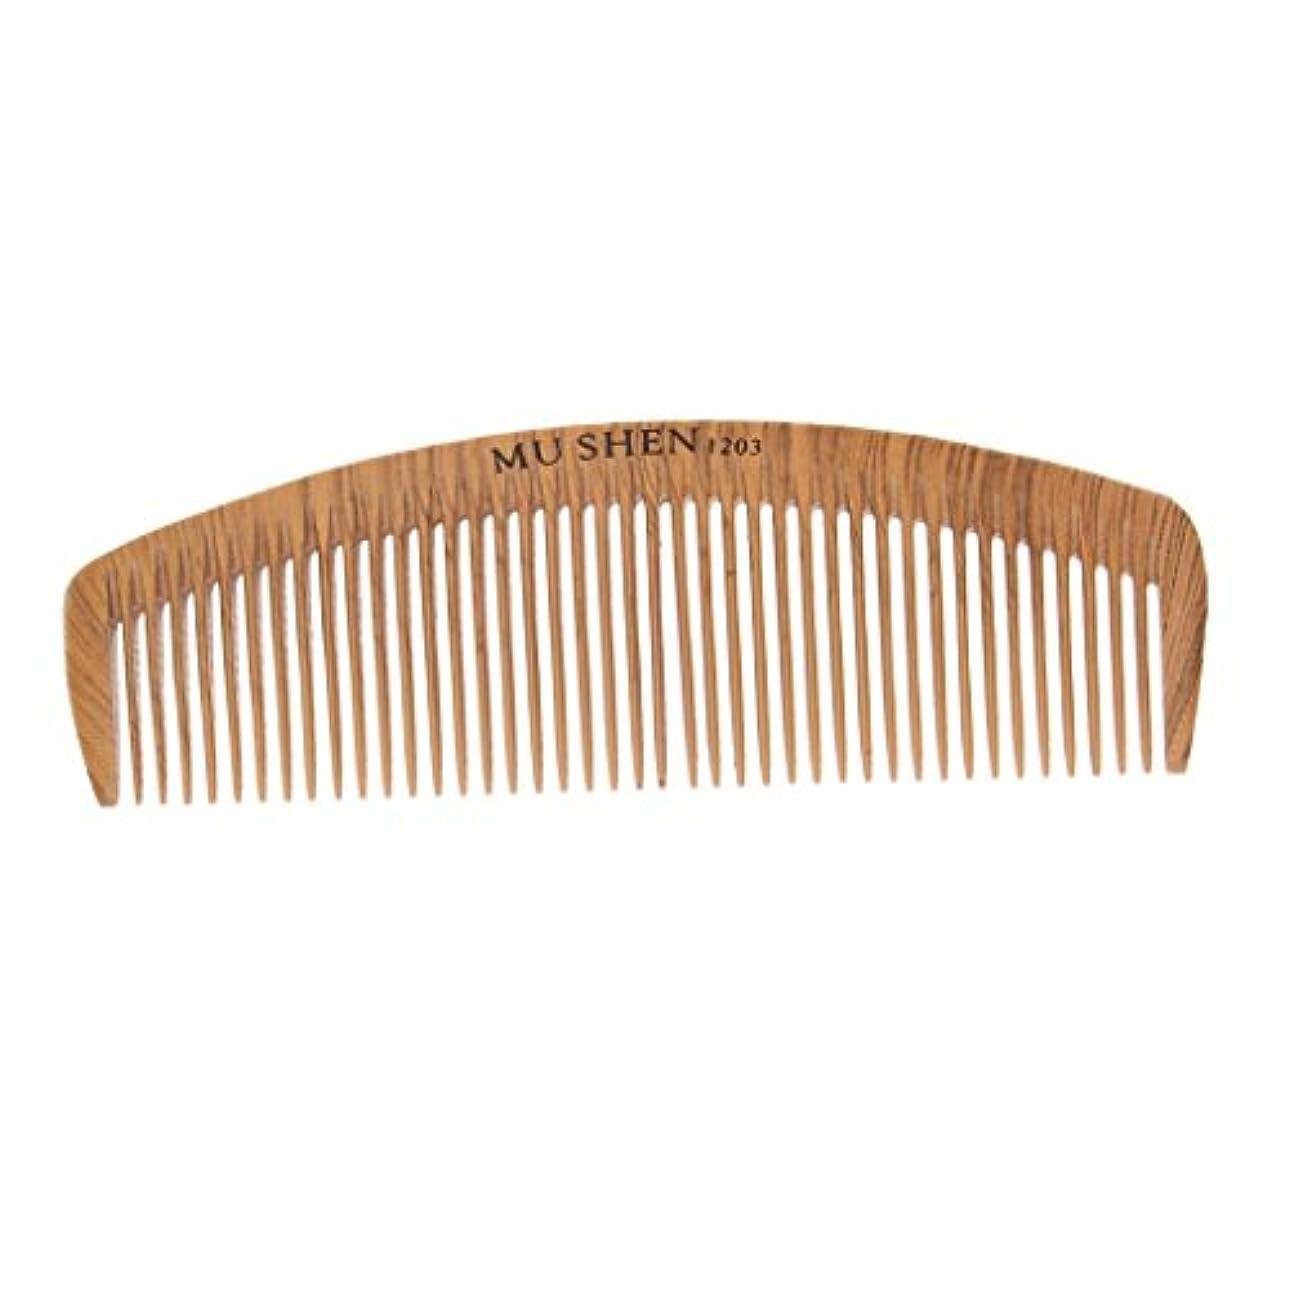 電球全能推進帯電防止ウッドサロン床屋ヘアスタイリング理髪切削くしヘアブラシ - 1203